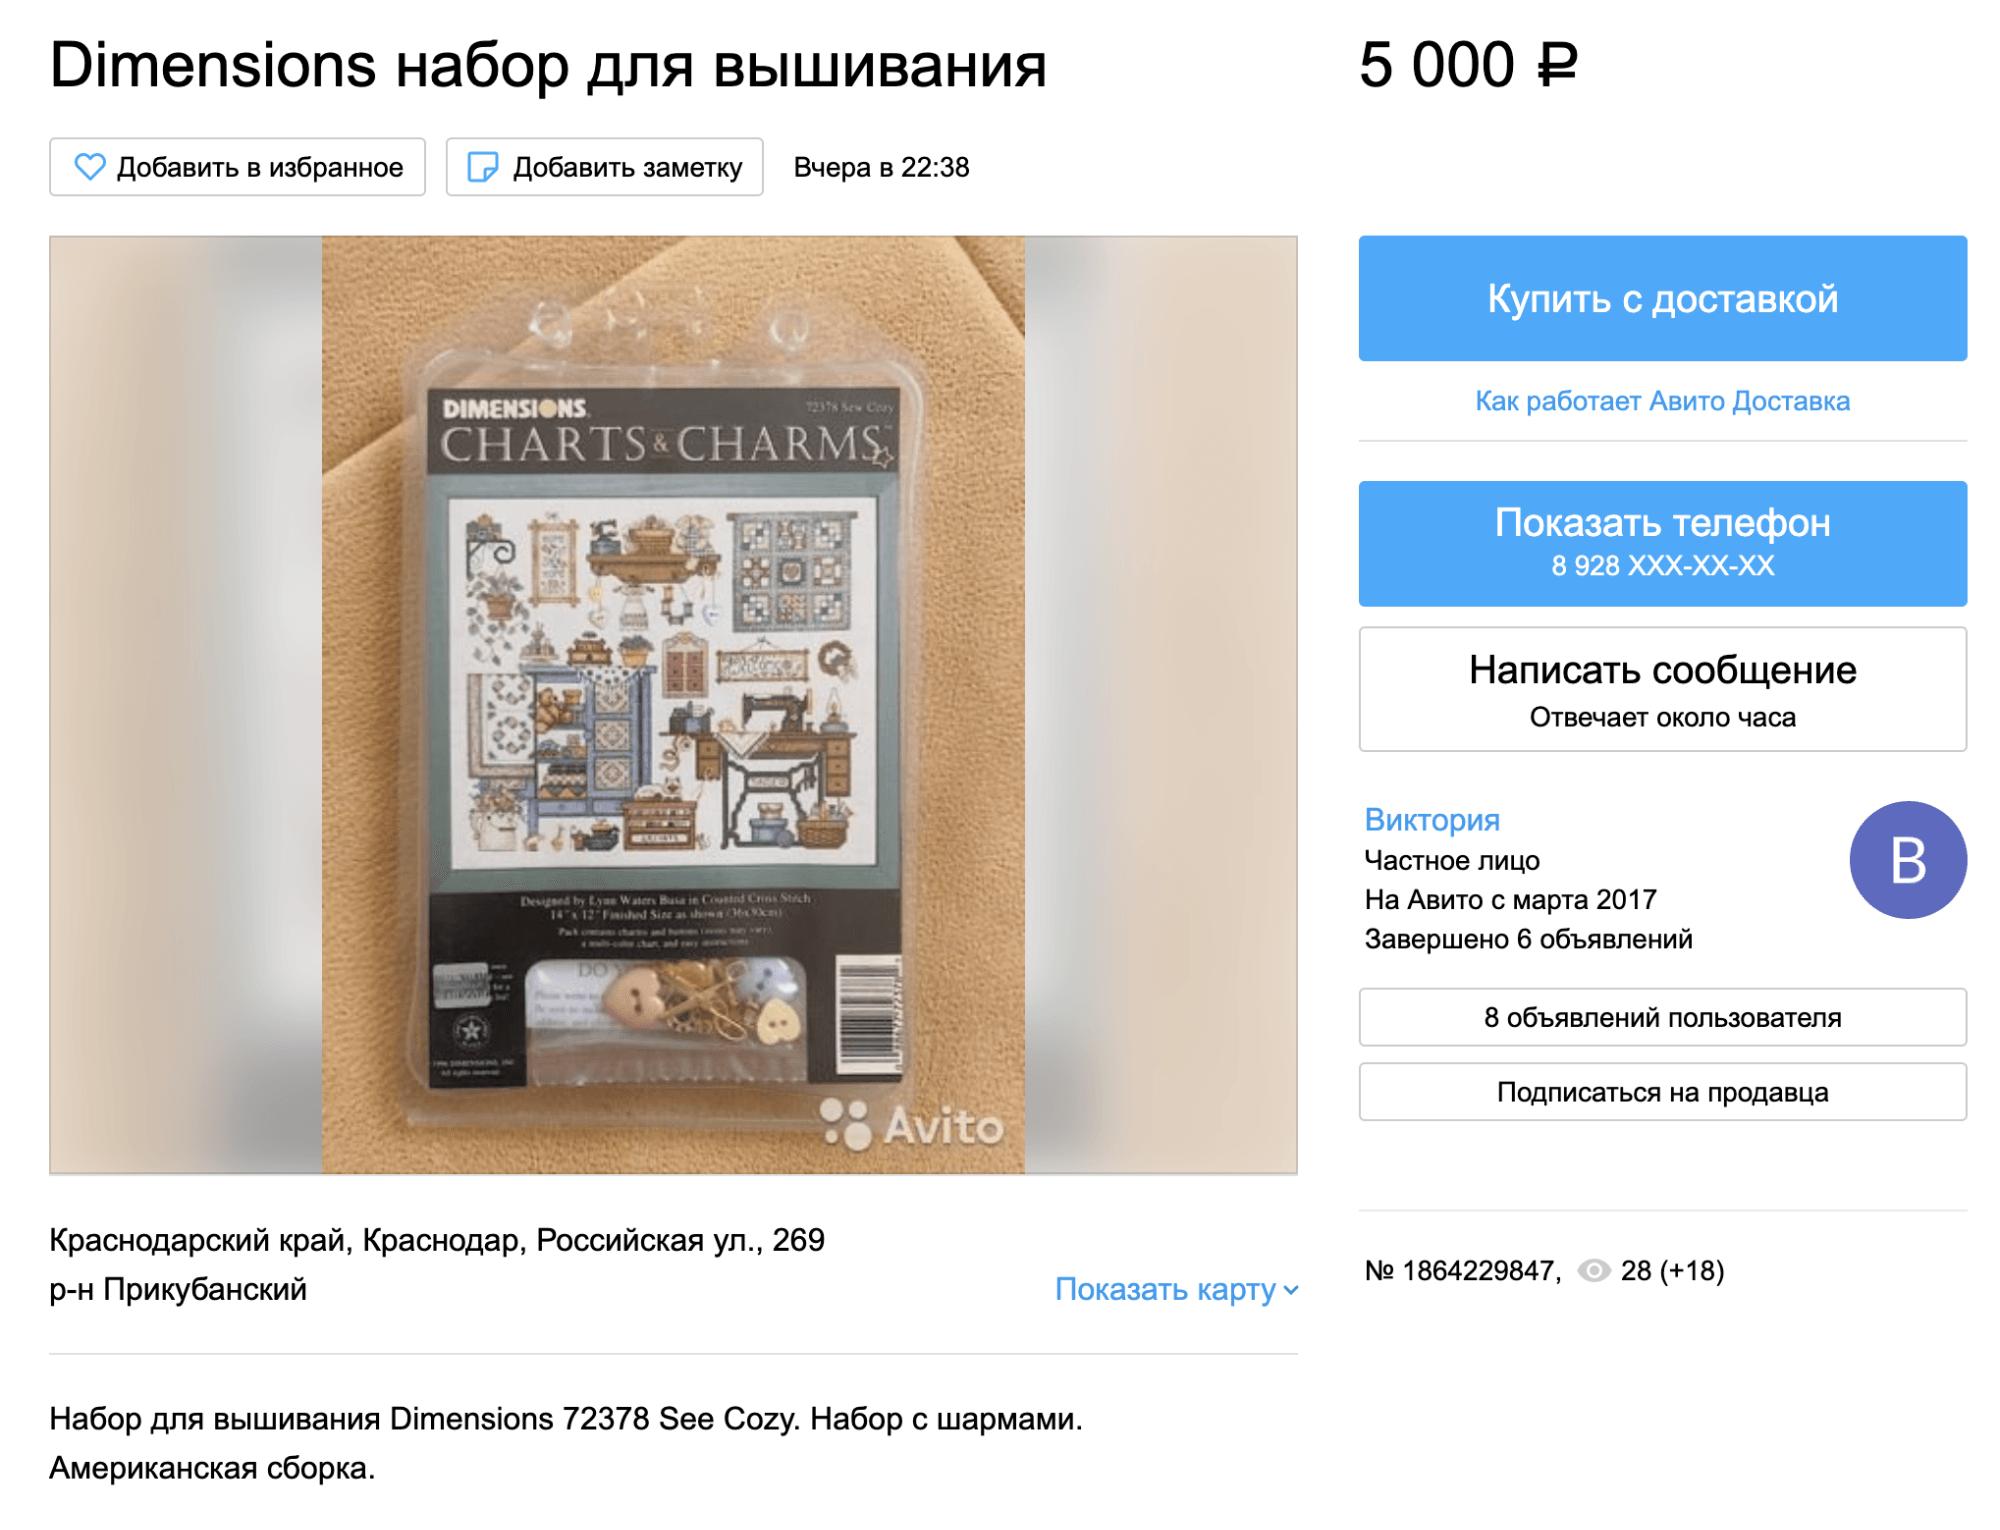 И еще один набор этойже фирмы тоже в Краснодаре, но от другого продавца